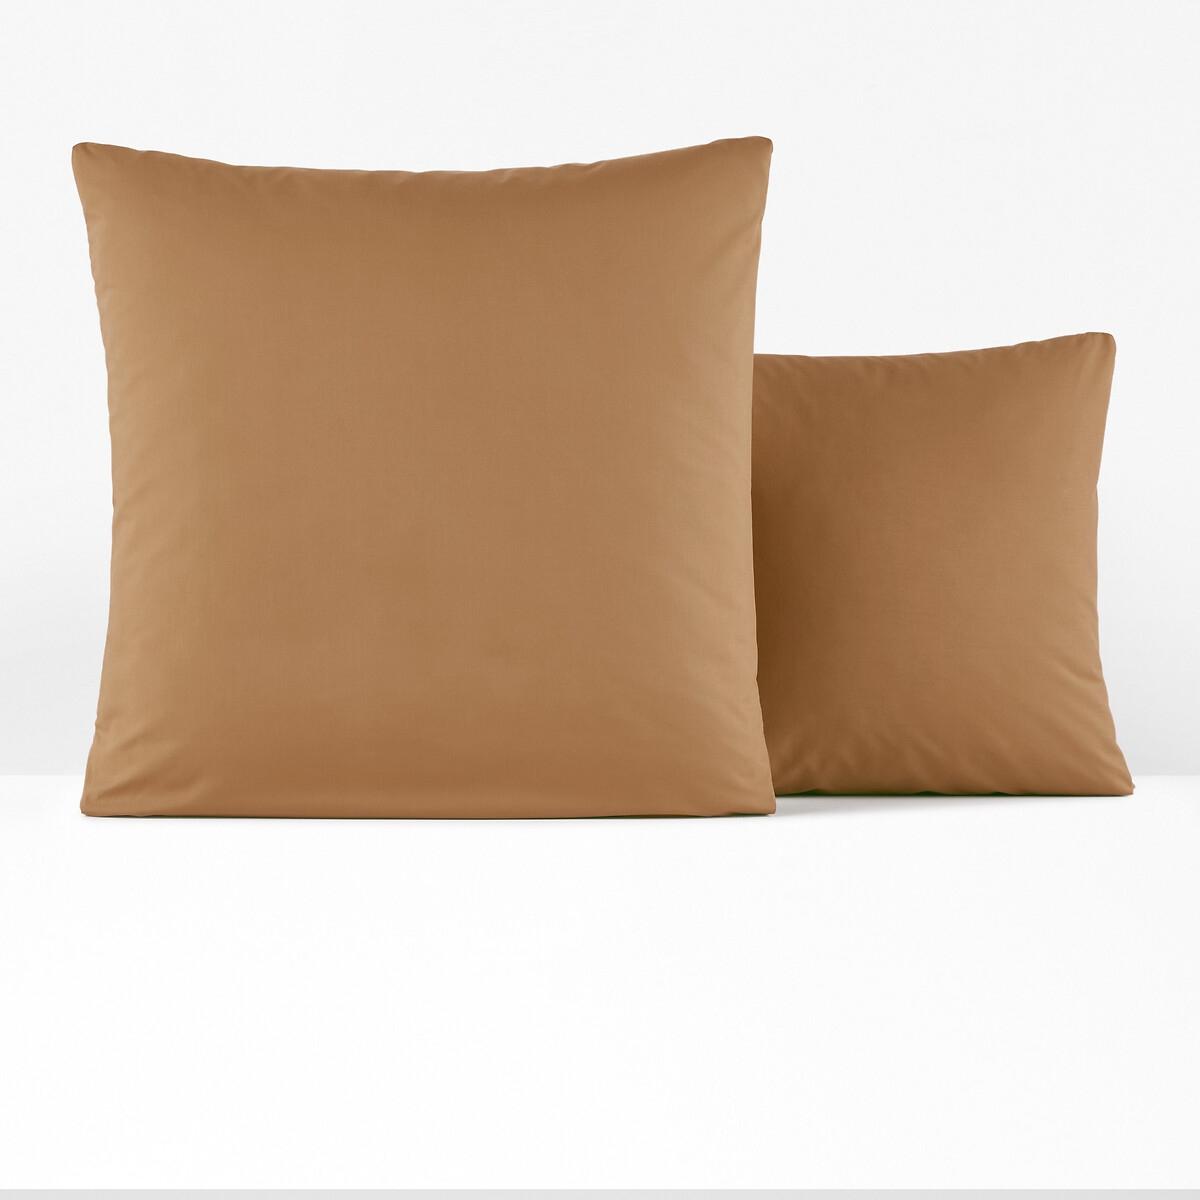 Best Quality Plain Cotton Percale Pillowcase